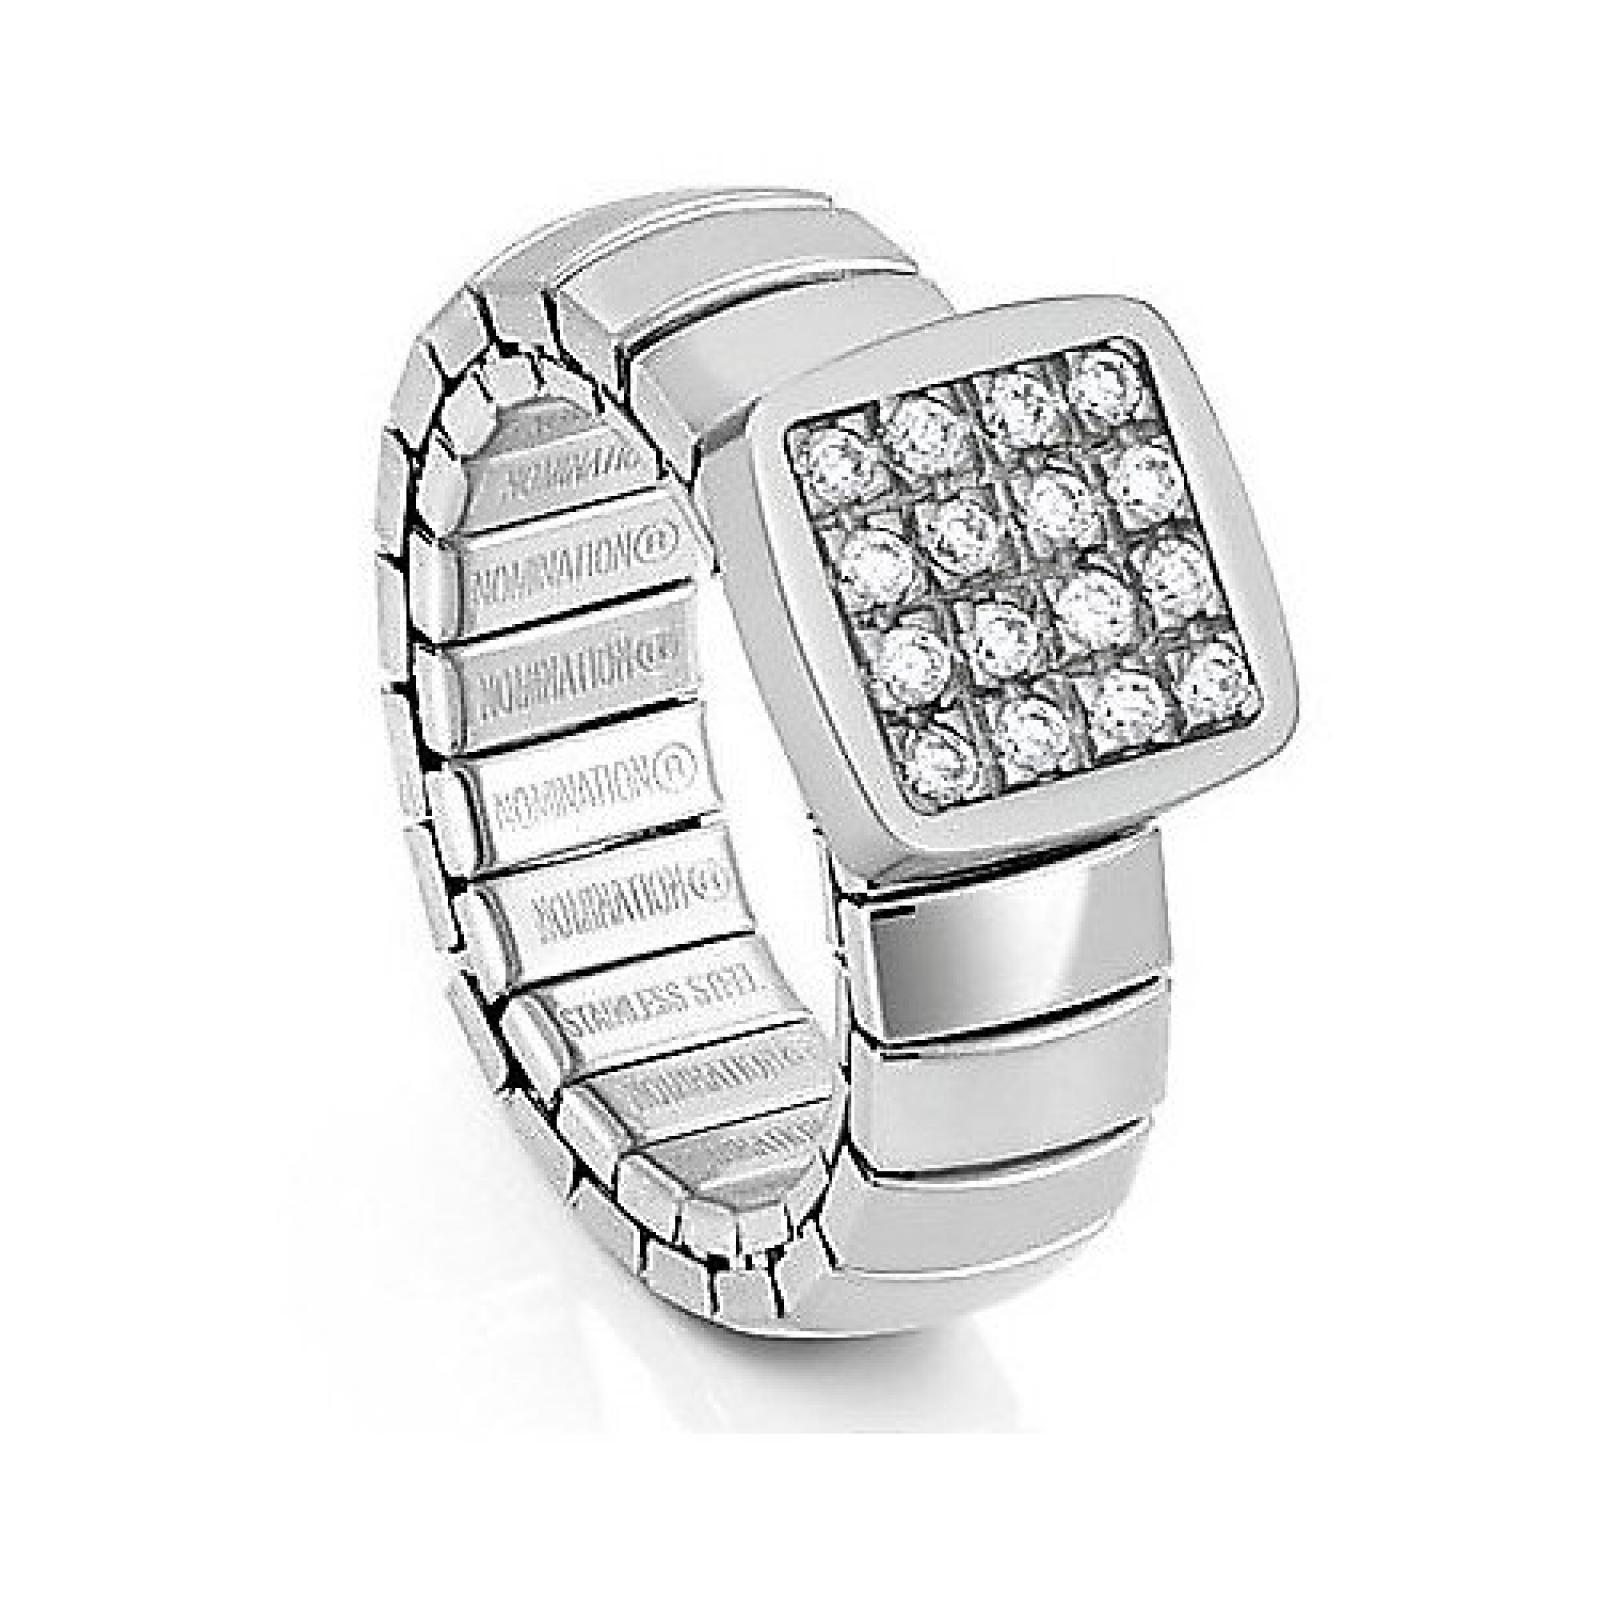 NominatioN DAMA Ring aus Edelstahl, Silber und CZ (S) (WEISS) 043600-001